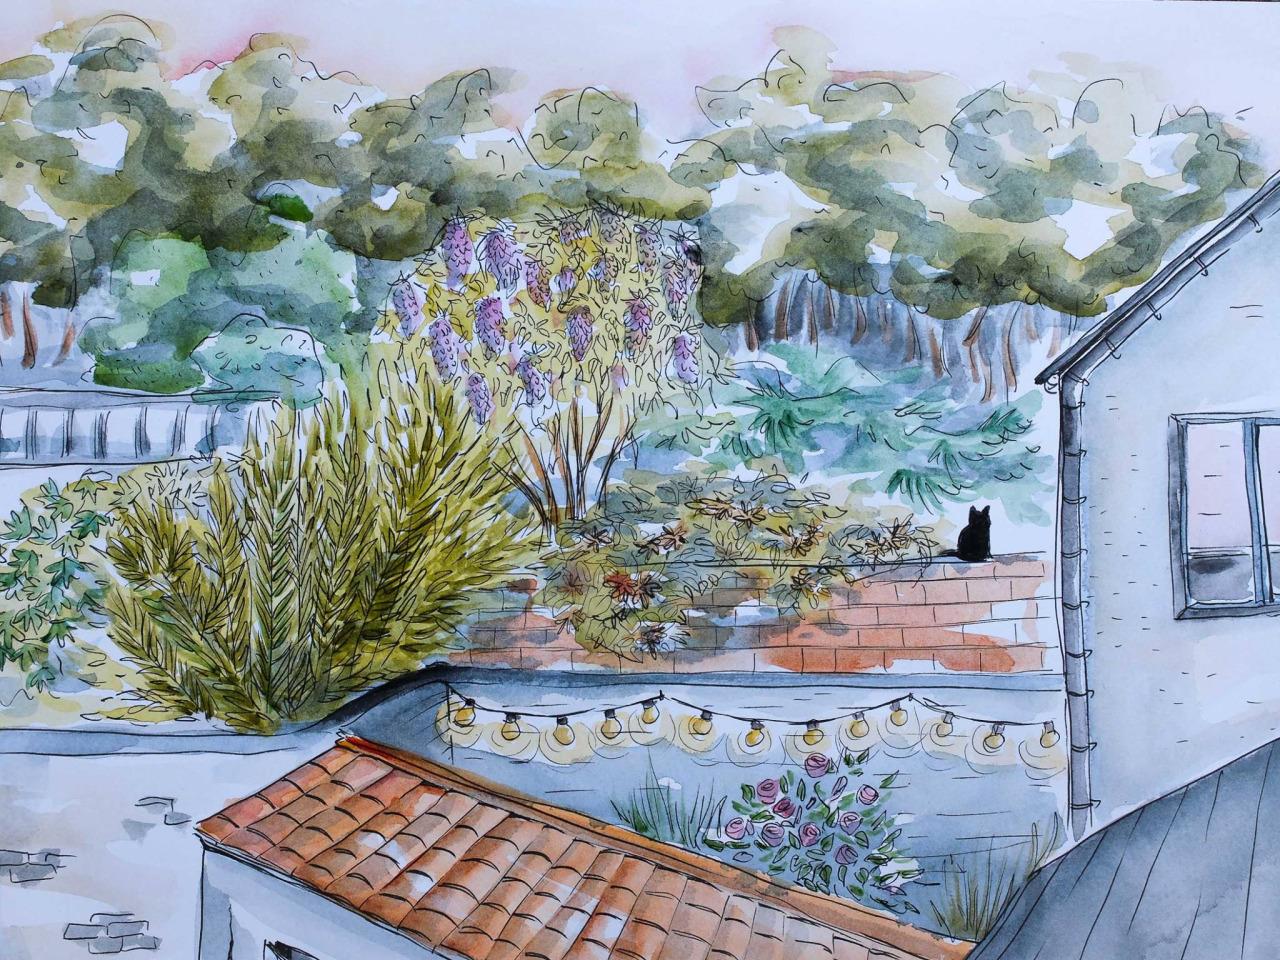 Dessin_du_Vendredi_KaroPauwels_illustration_270516